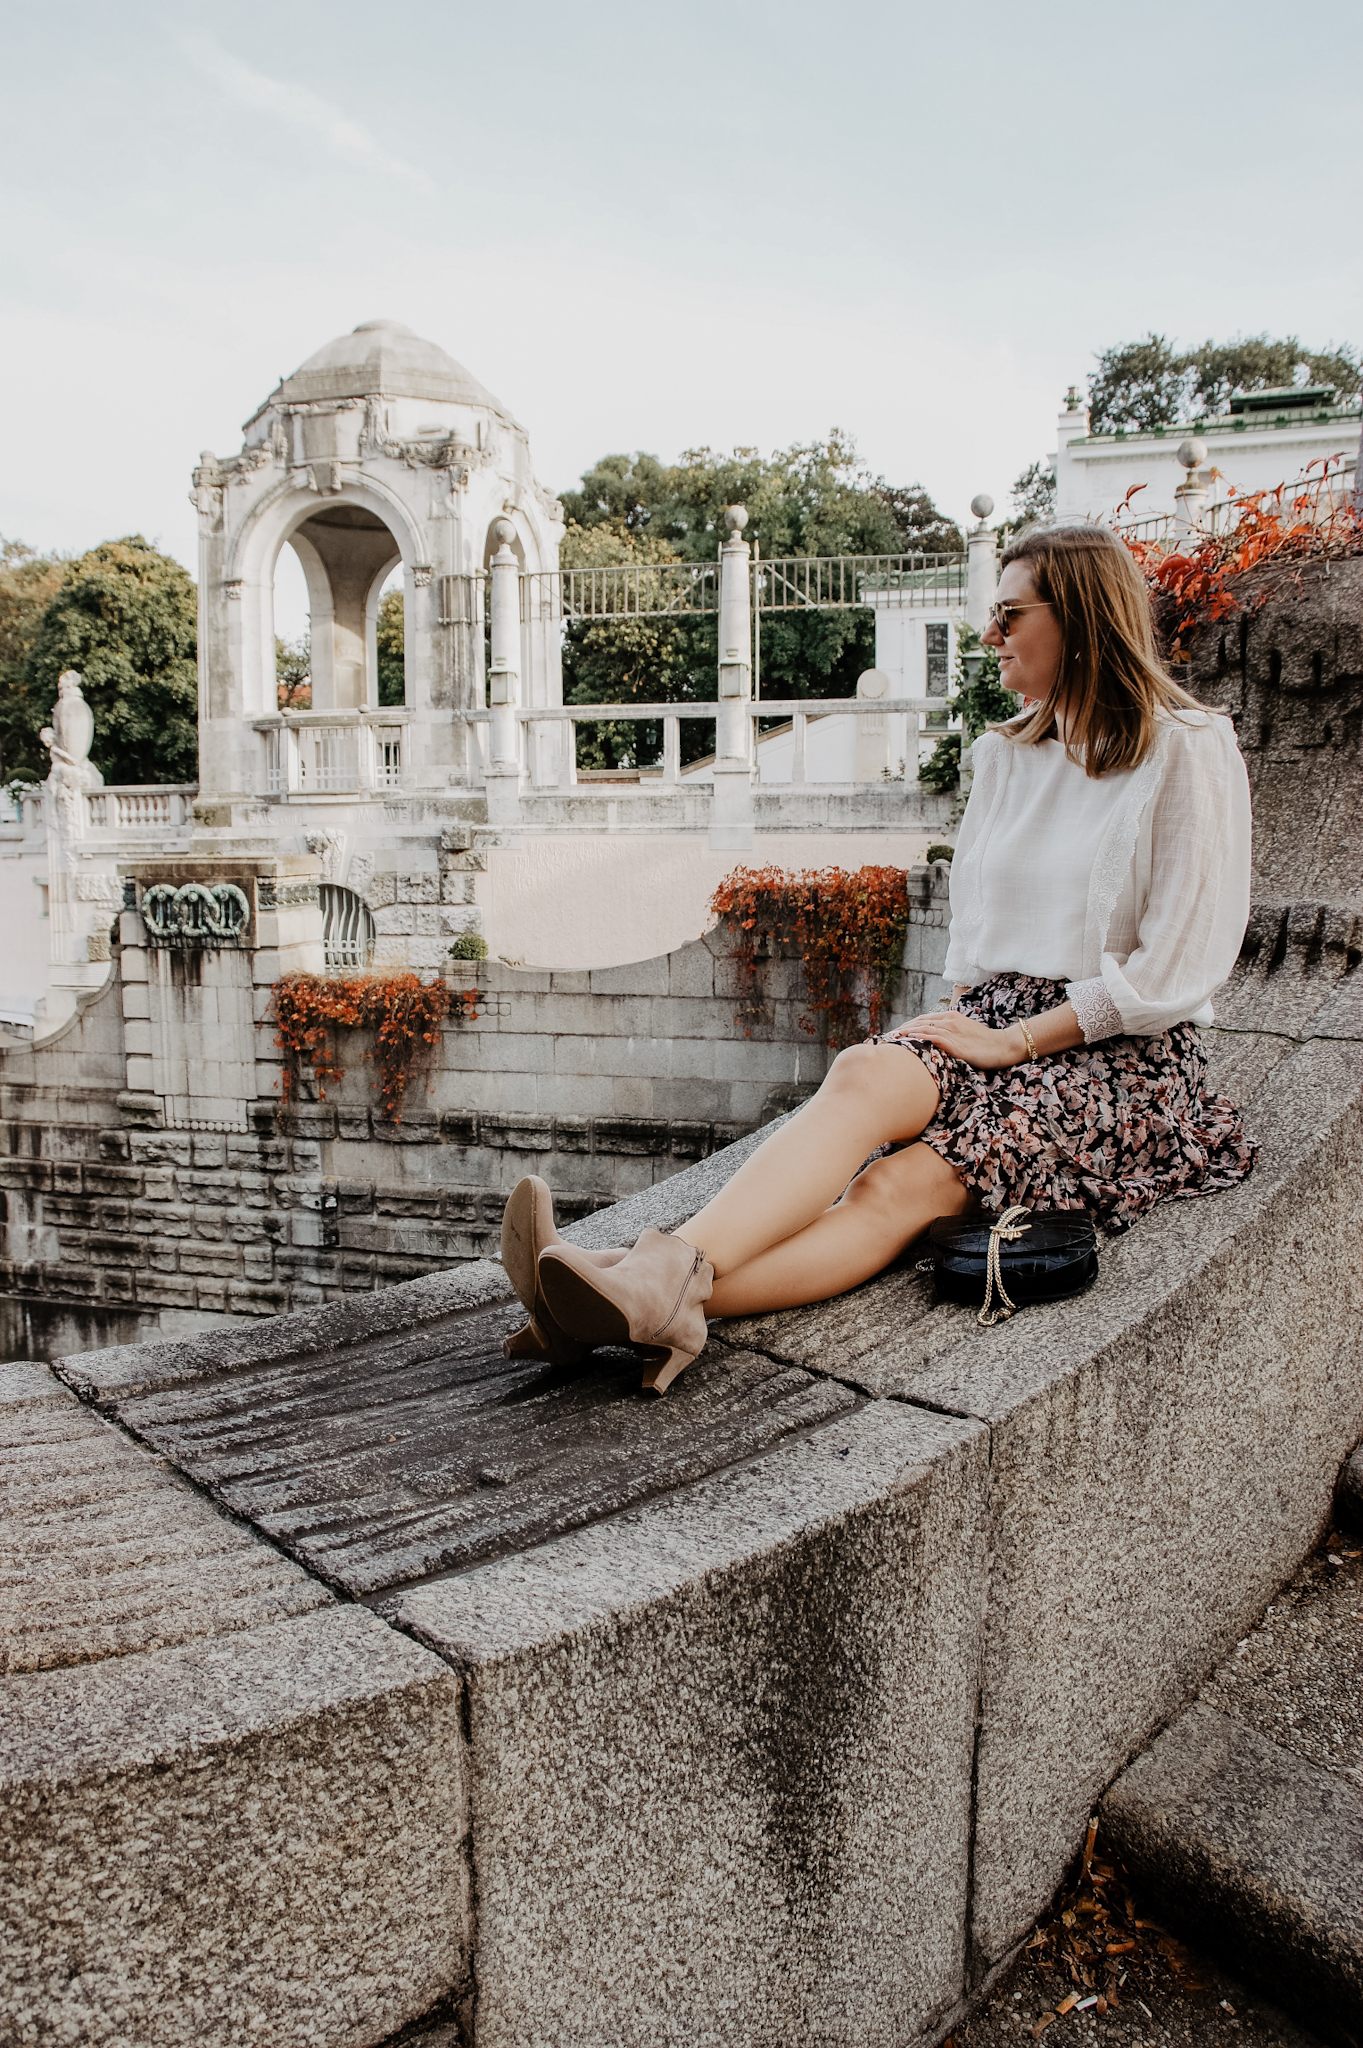 Herbstoutfit Sezane Bluse, Rock, Stiefeletten La Shoe